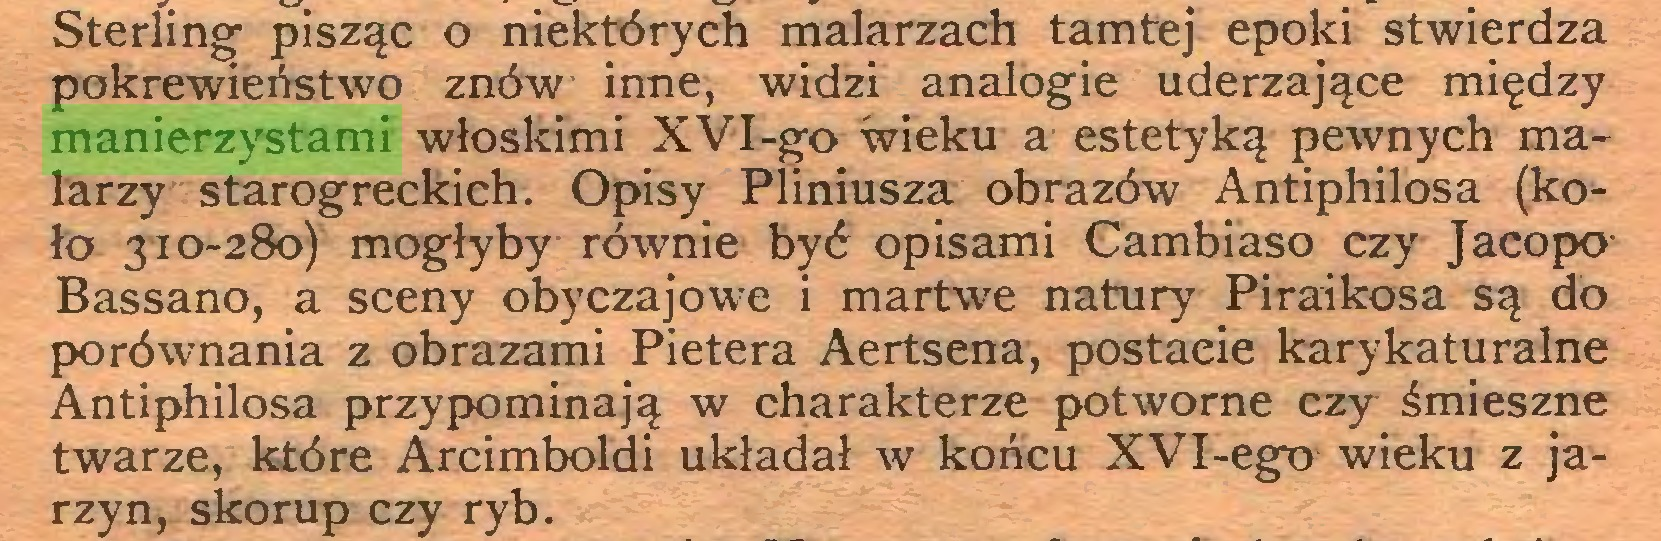 (...) Sterling pisząc o niektórych malarzach tamtej epoki stwierdza pokrewieństwo znów inne, widzi analogie uderzające między manierzystami włoskimi XVI-go wieku a estetyką pewnych malarzy starogreckich. Opisy Pliniusza obrazów Antiphilosa (koło 310-280) mogłyby równie być opisami Cambiaso czy Jacopo Bassano, a sceny obyczajowe i martwe natury Piraikosa są do porównania z obrazami Pietera Aertsena, postaeie karykaturalne Antiphilosa przypominają w charakterze potworne czy śmieszne twarze, które Arcimboldi układał w końcu XVI-ego wieku z jarzyn, skorup czy ryb...